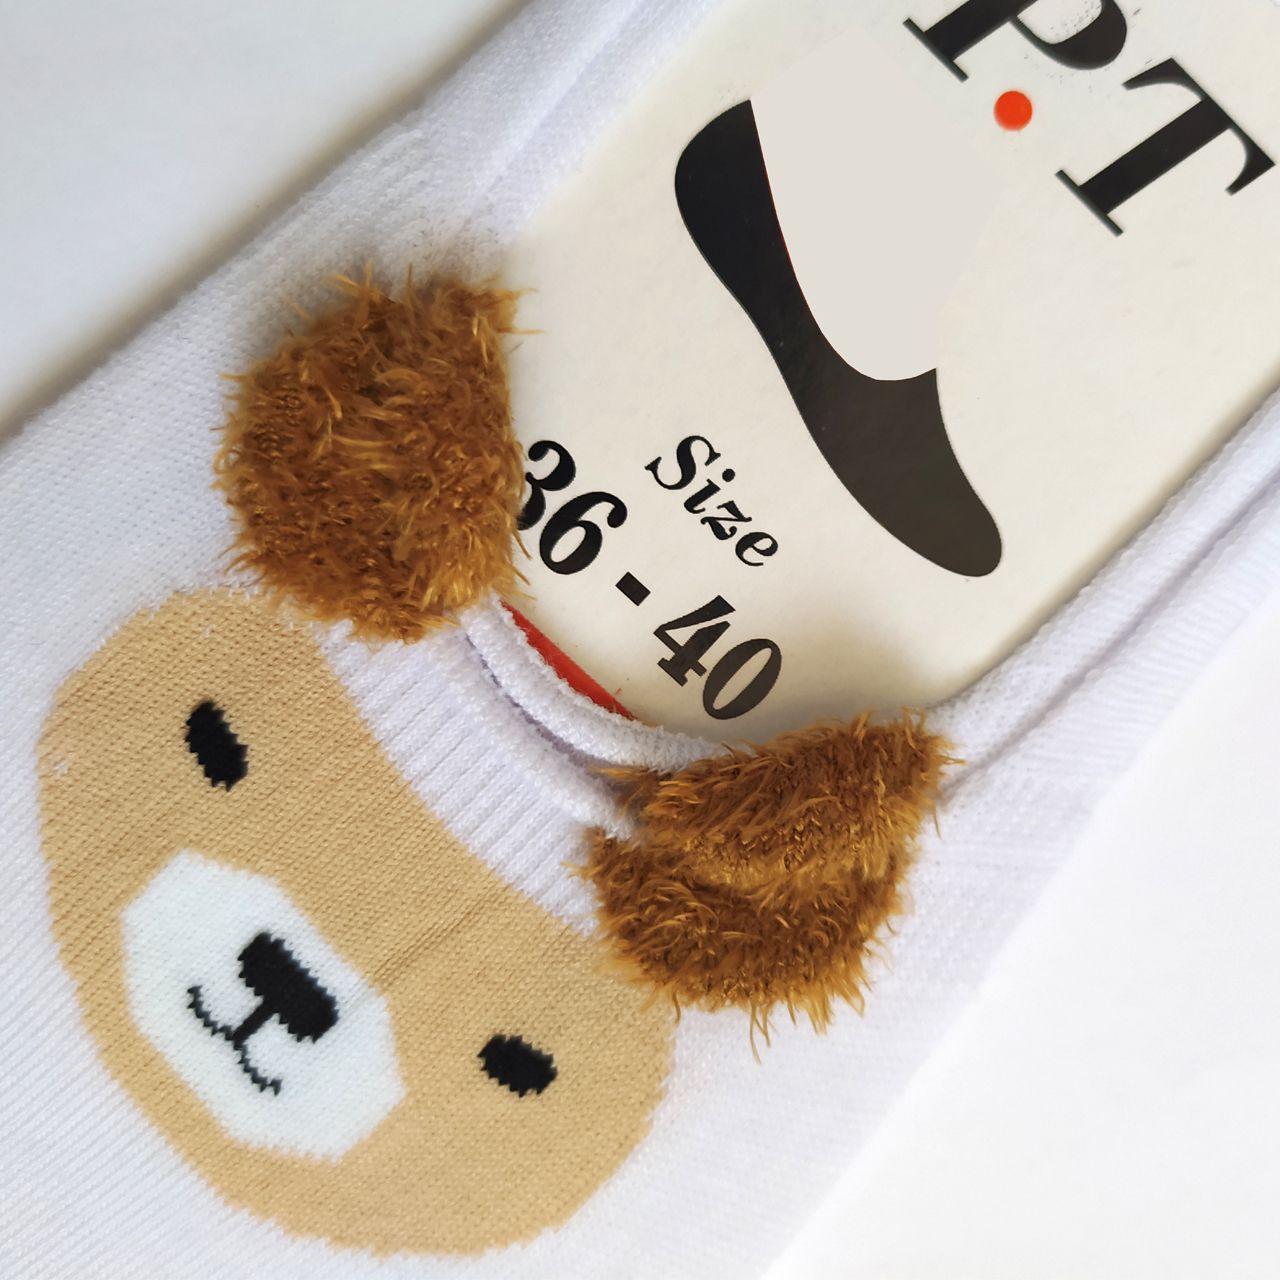 جوراب زنانه پی.تی طرح خرس کد J016 -  - 3